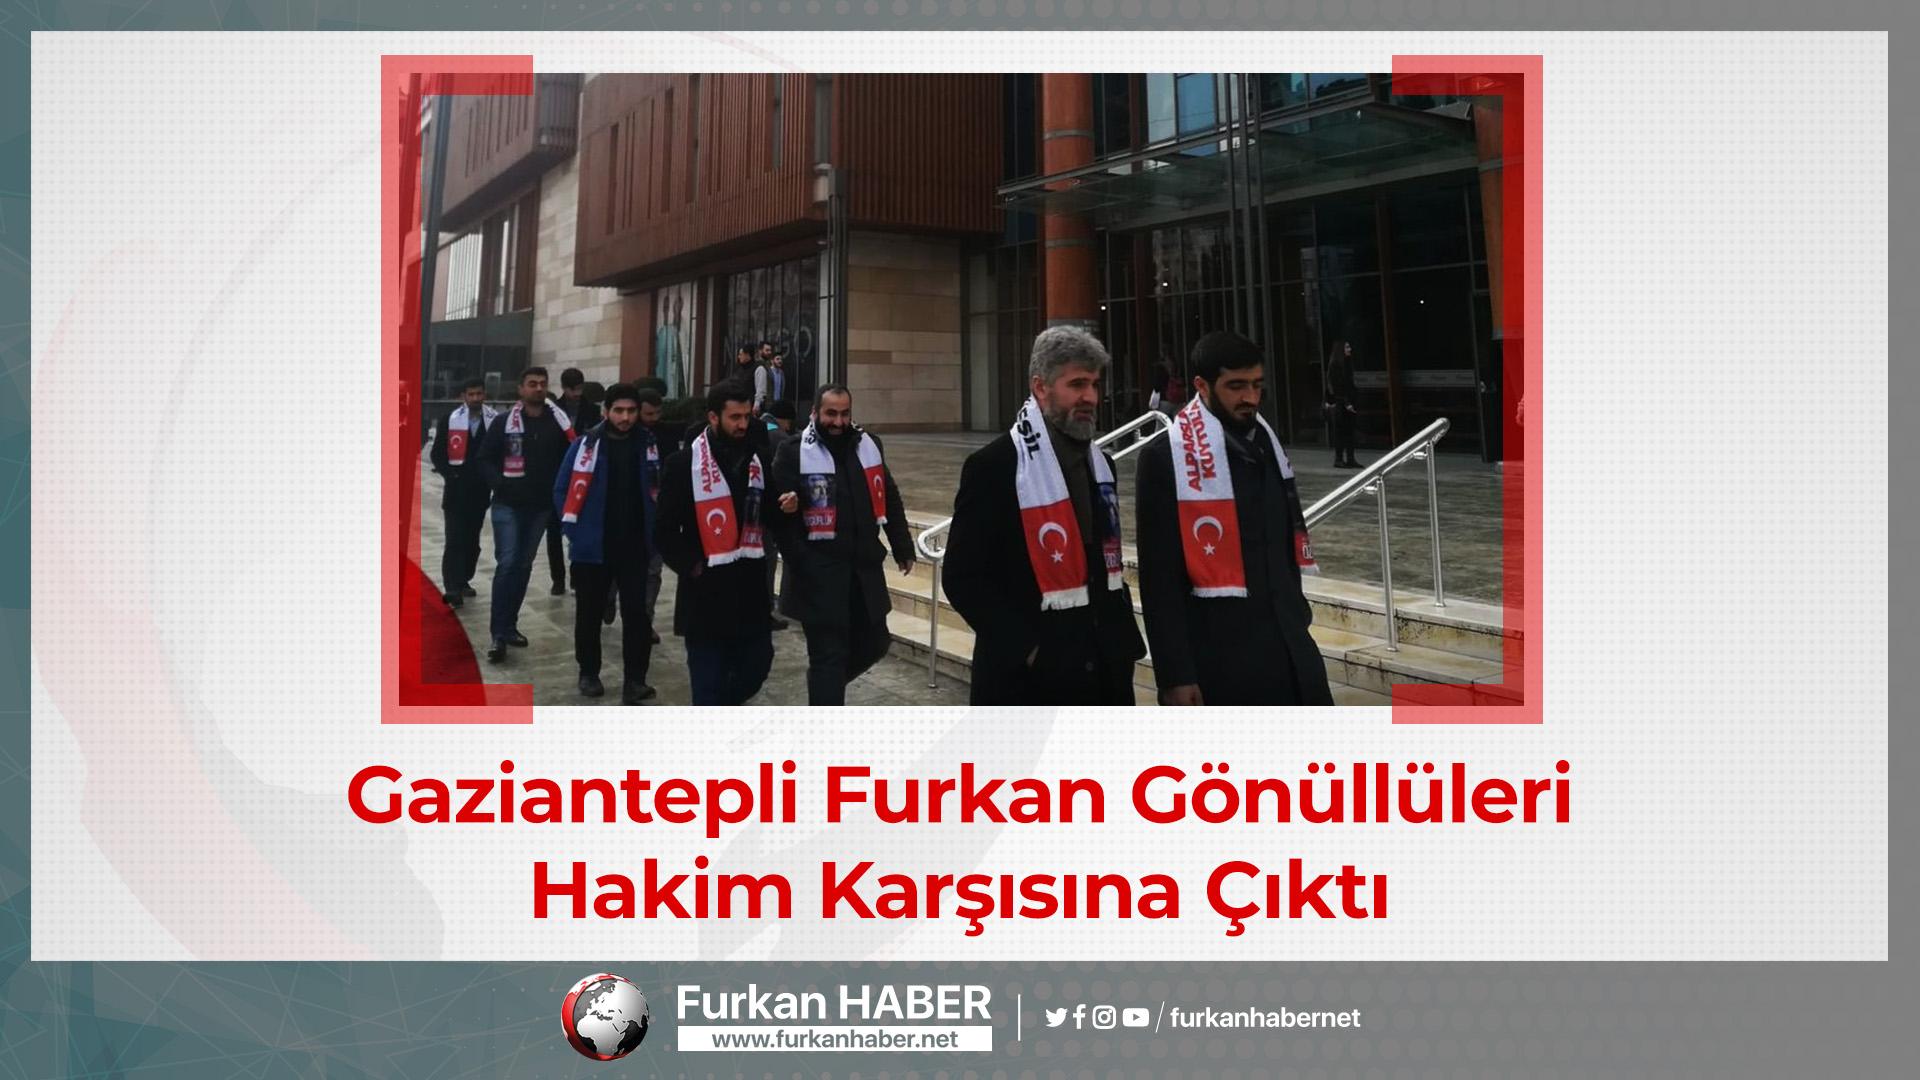 Gaziantepli Furkan Gönüllüleri Hakim Karşısına Çıktı